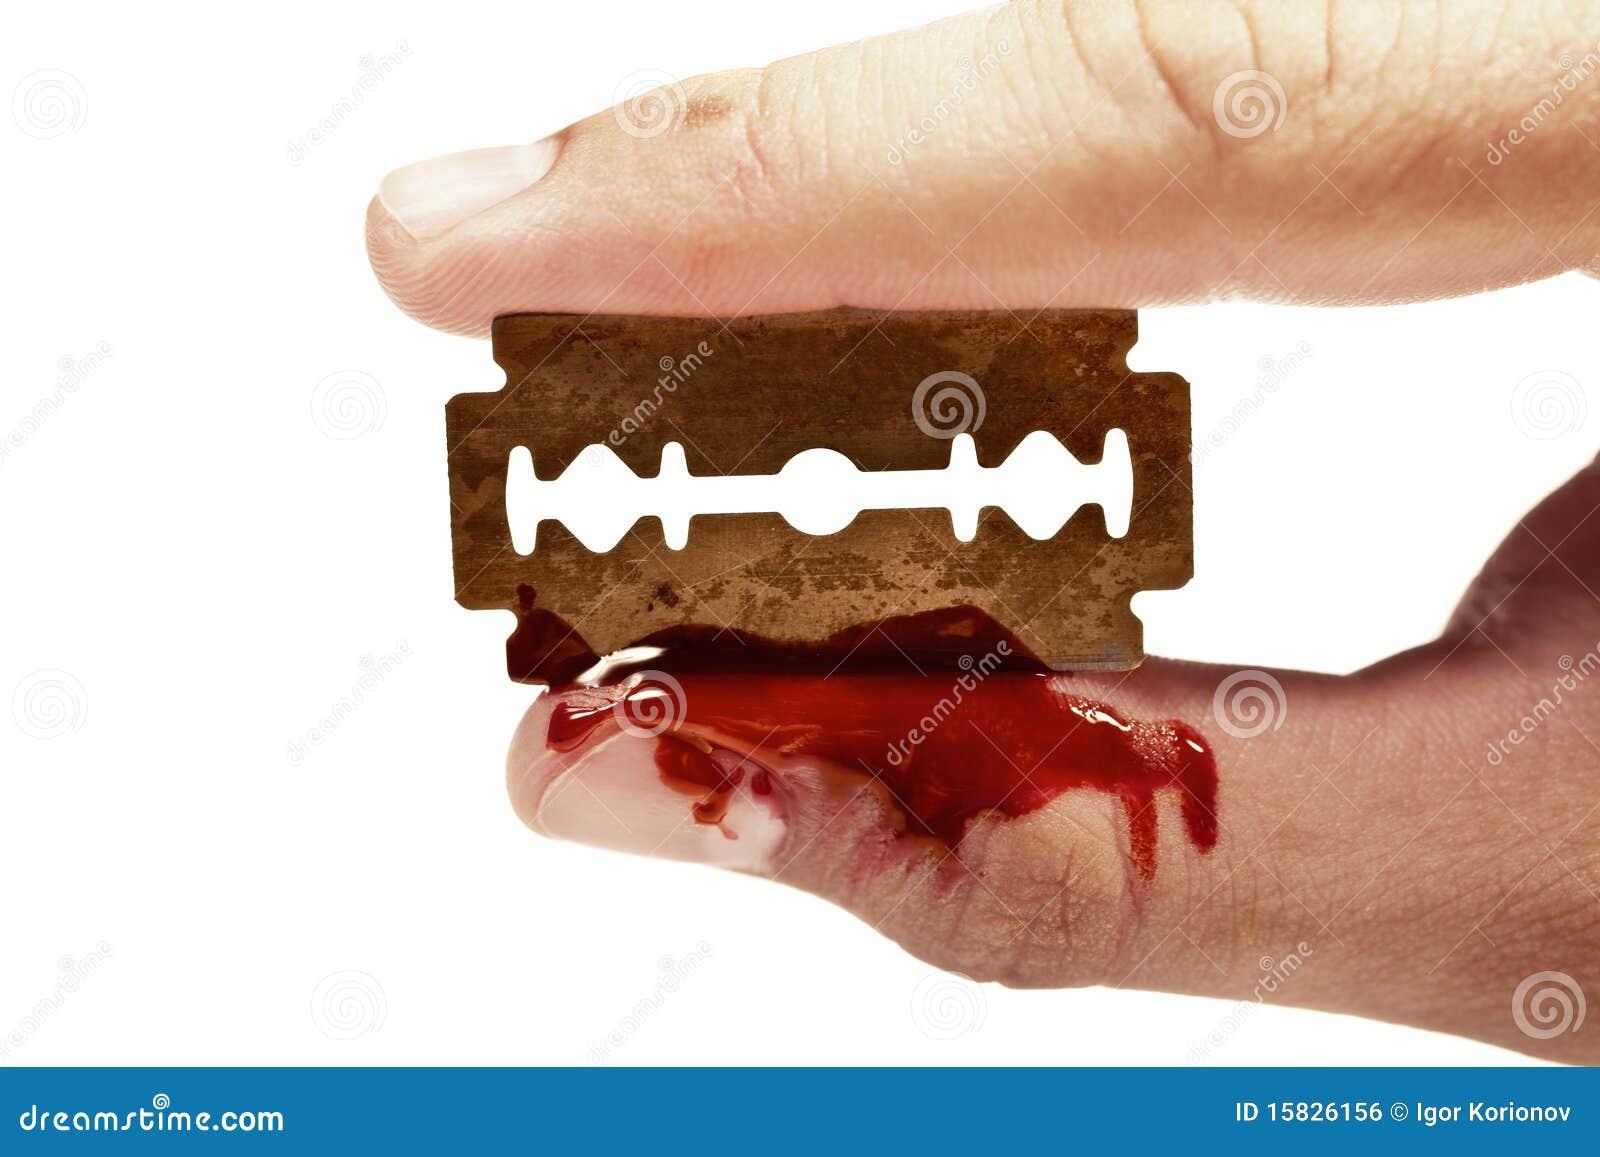 Los dedos guardan la maquinilla de afeitar oxidada vieja con sangre